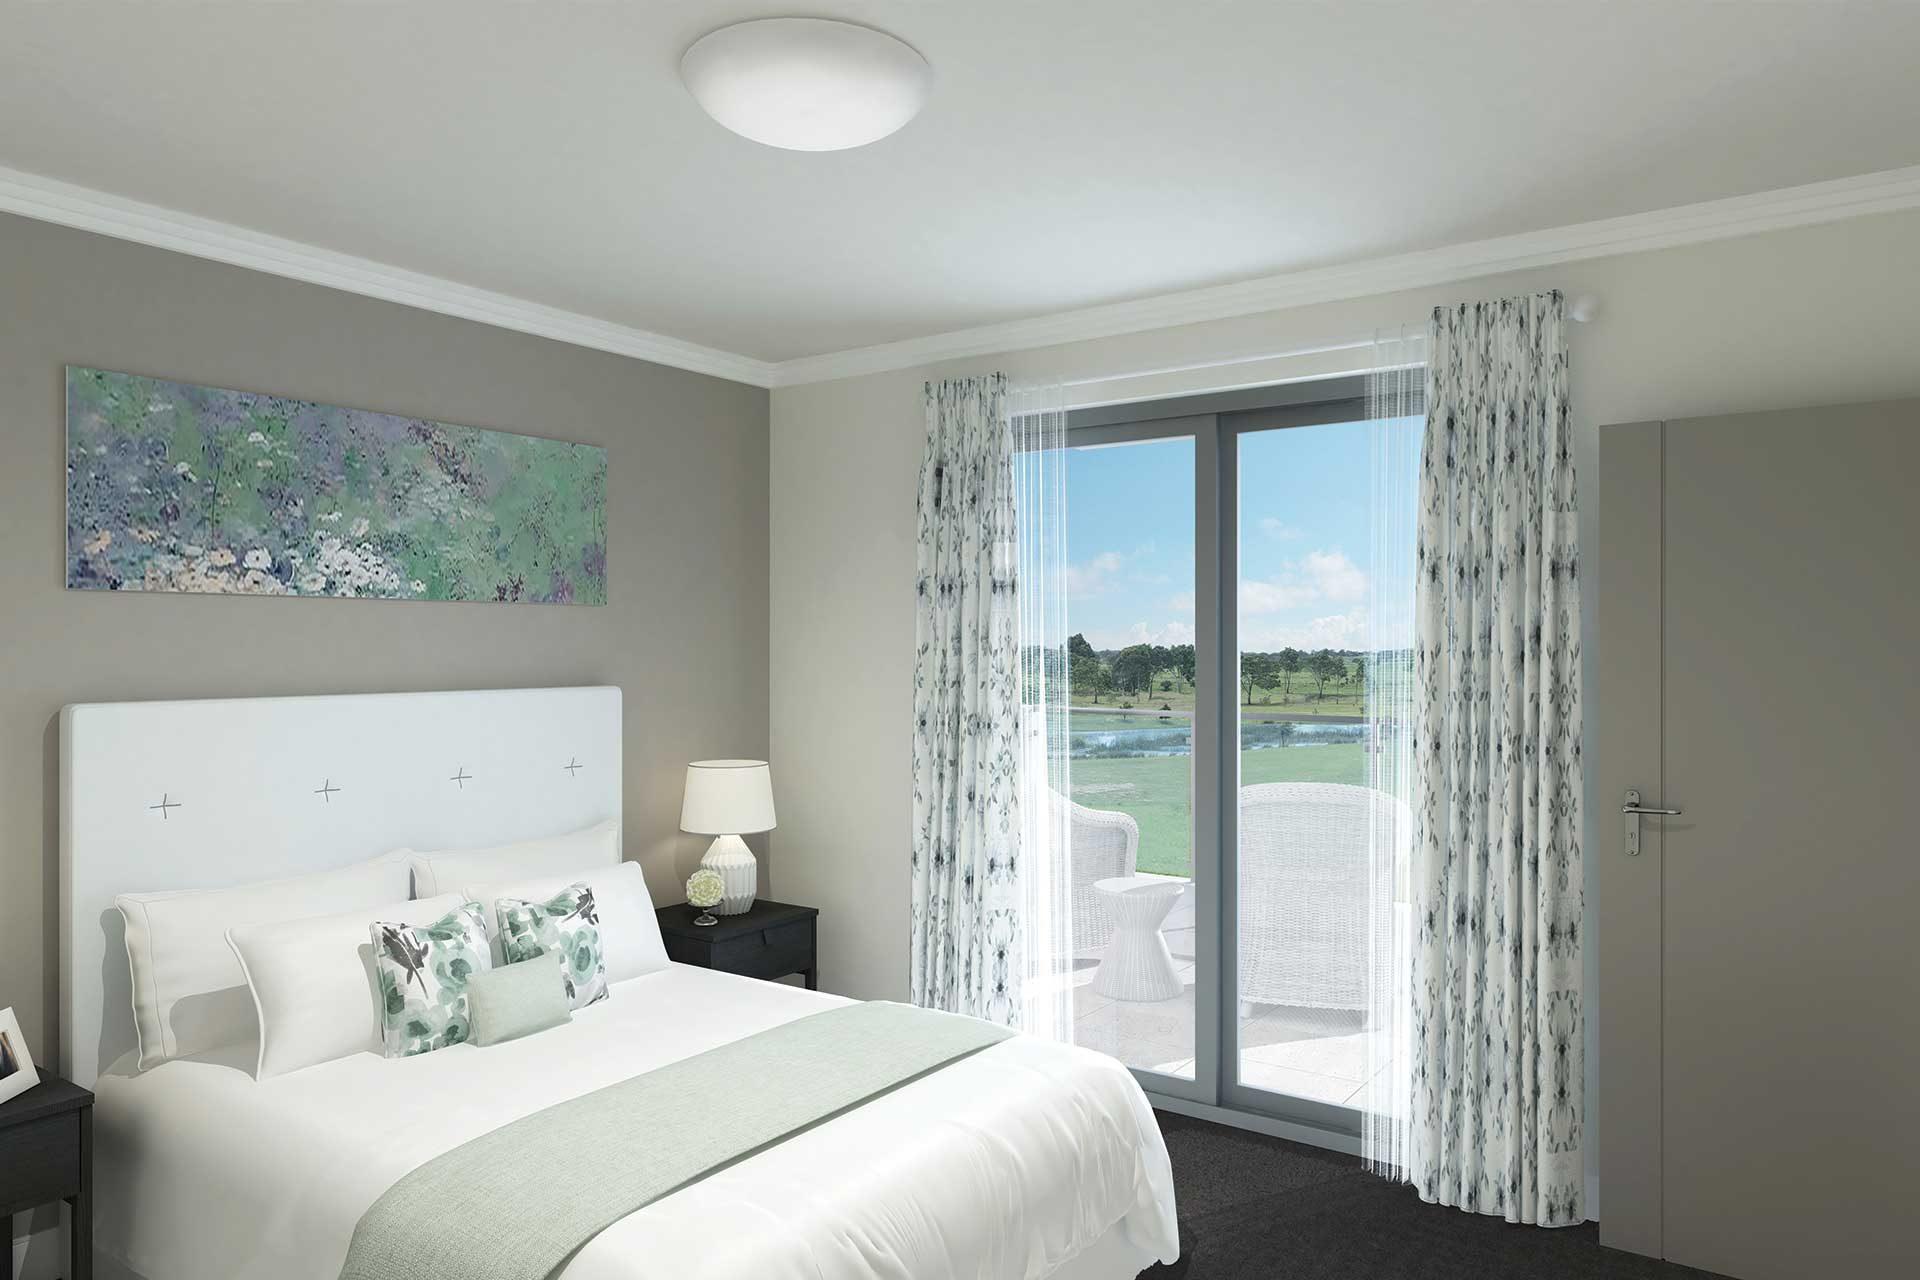 Bedroom In A Luxury Villa, Built For Comfort